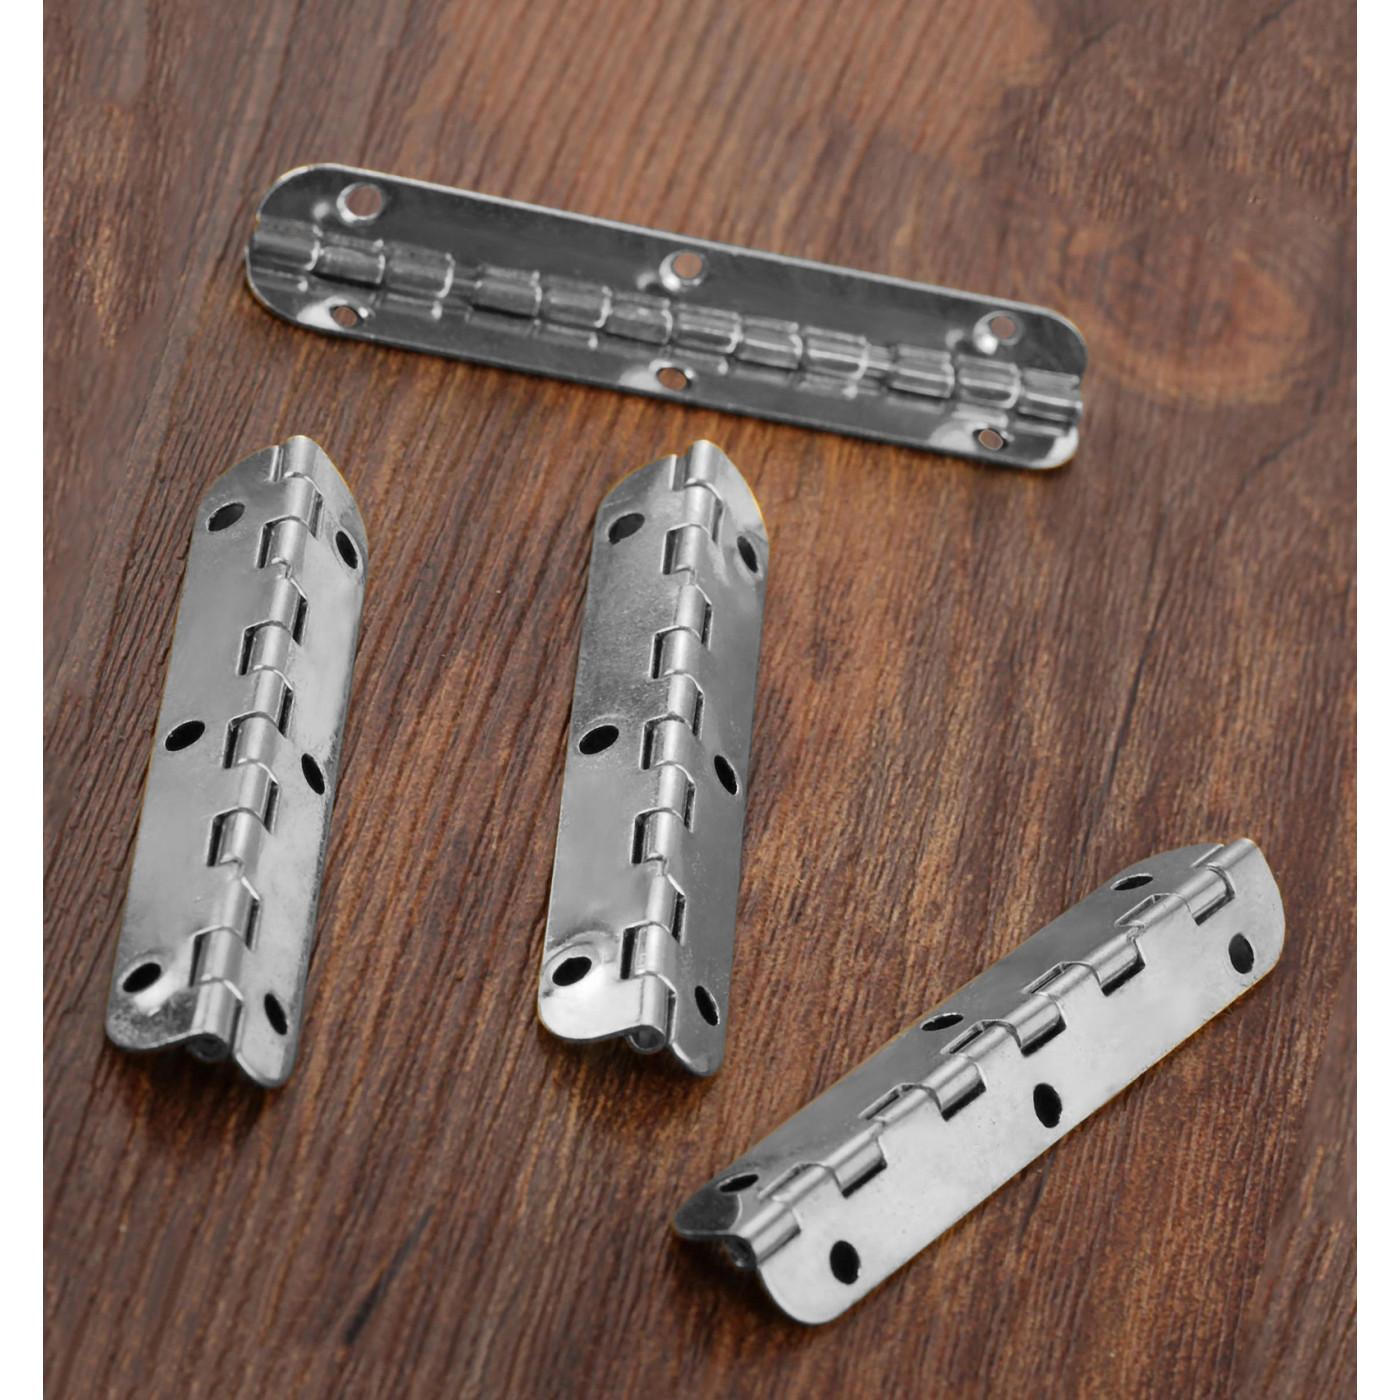 Zestaw 10 zawiasów długich (dł.6,5 cm, srebrne, rozwarcie max 90 stopni)  - 1